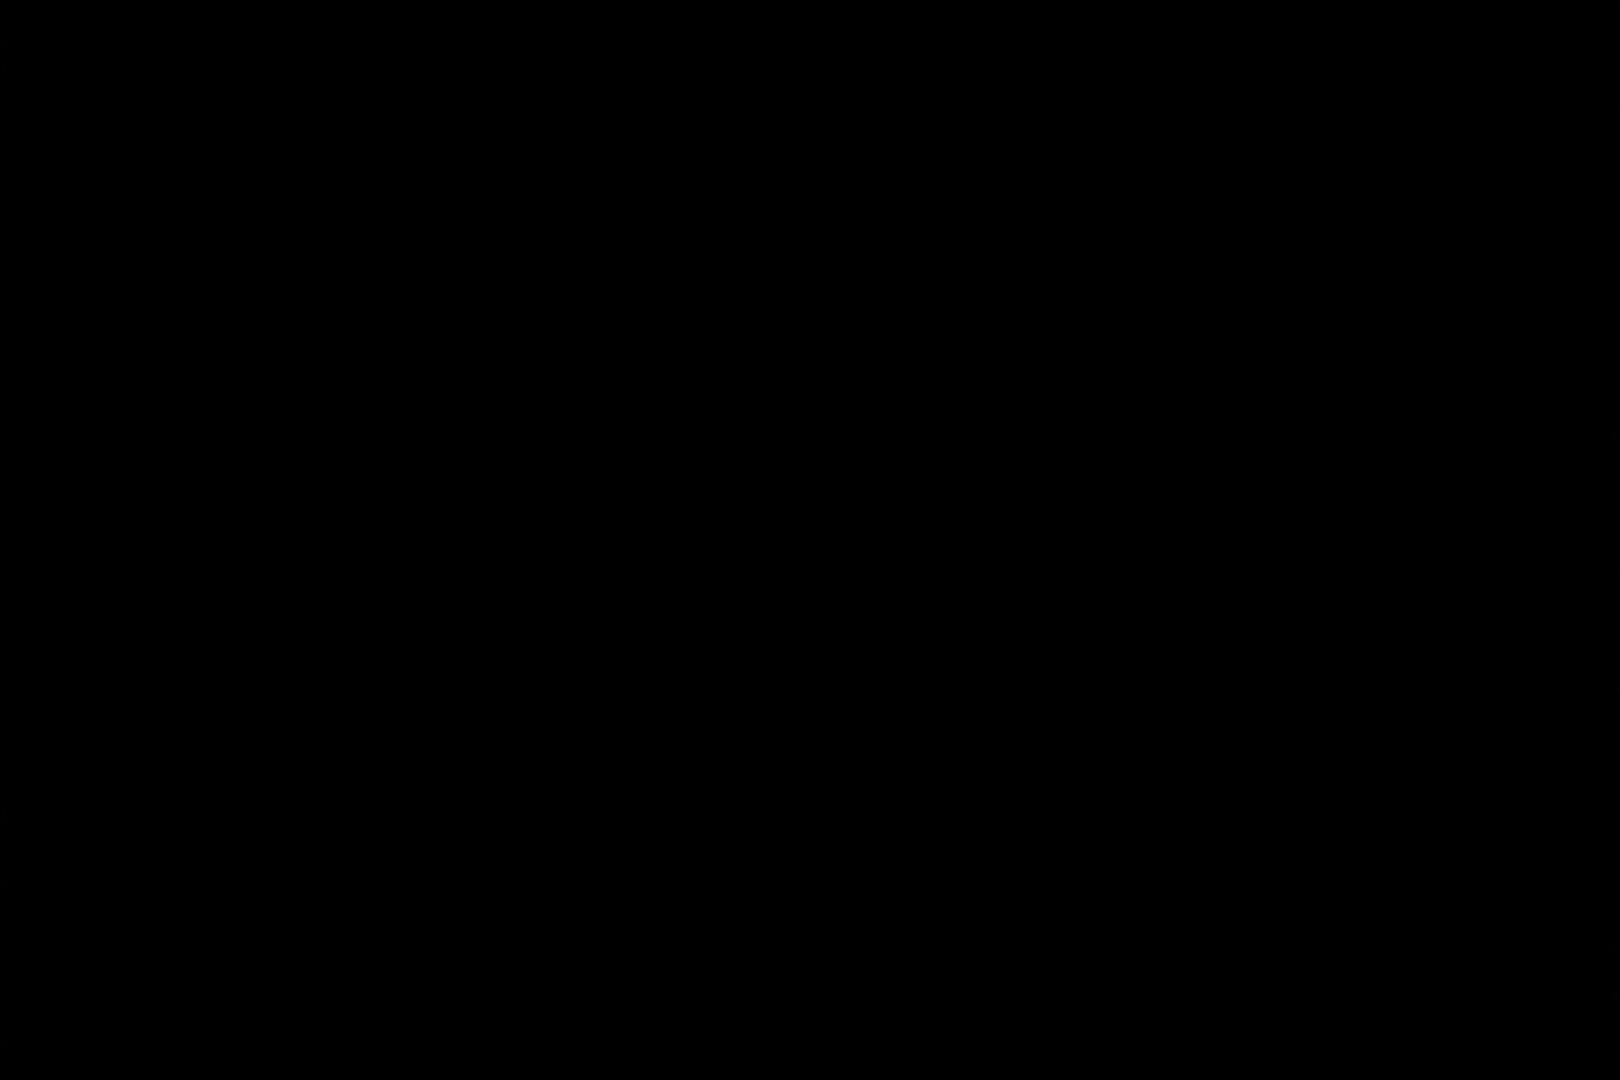 亀さんかわや VIPバージョン! vol.38 リアル黄金水 のぞき動画画像 95画像 47